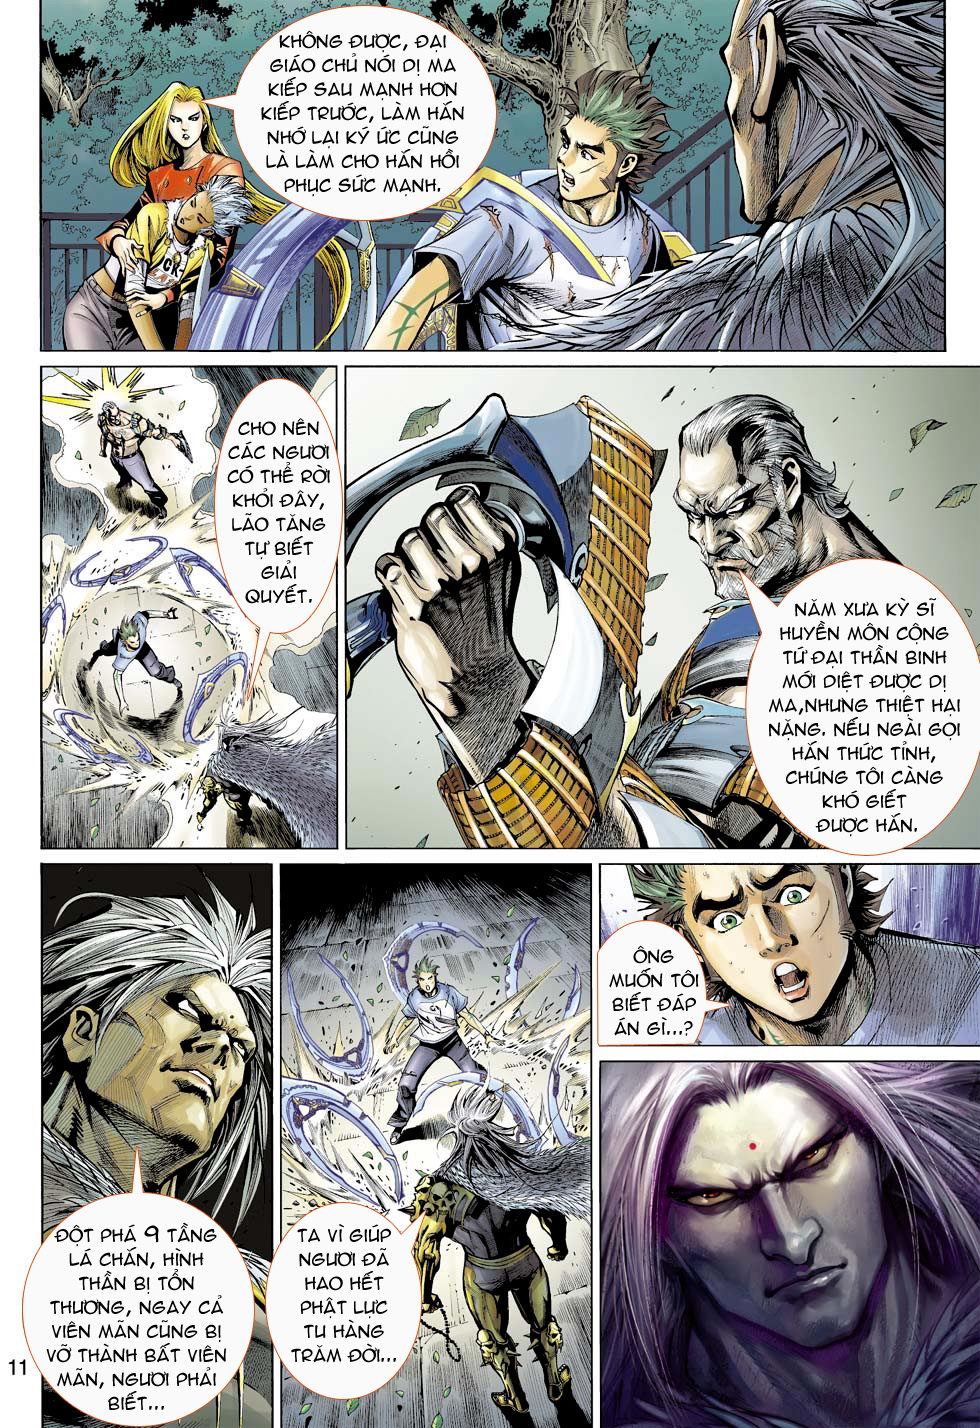 Thần Binh 4 chap 16 - Trang 11